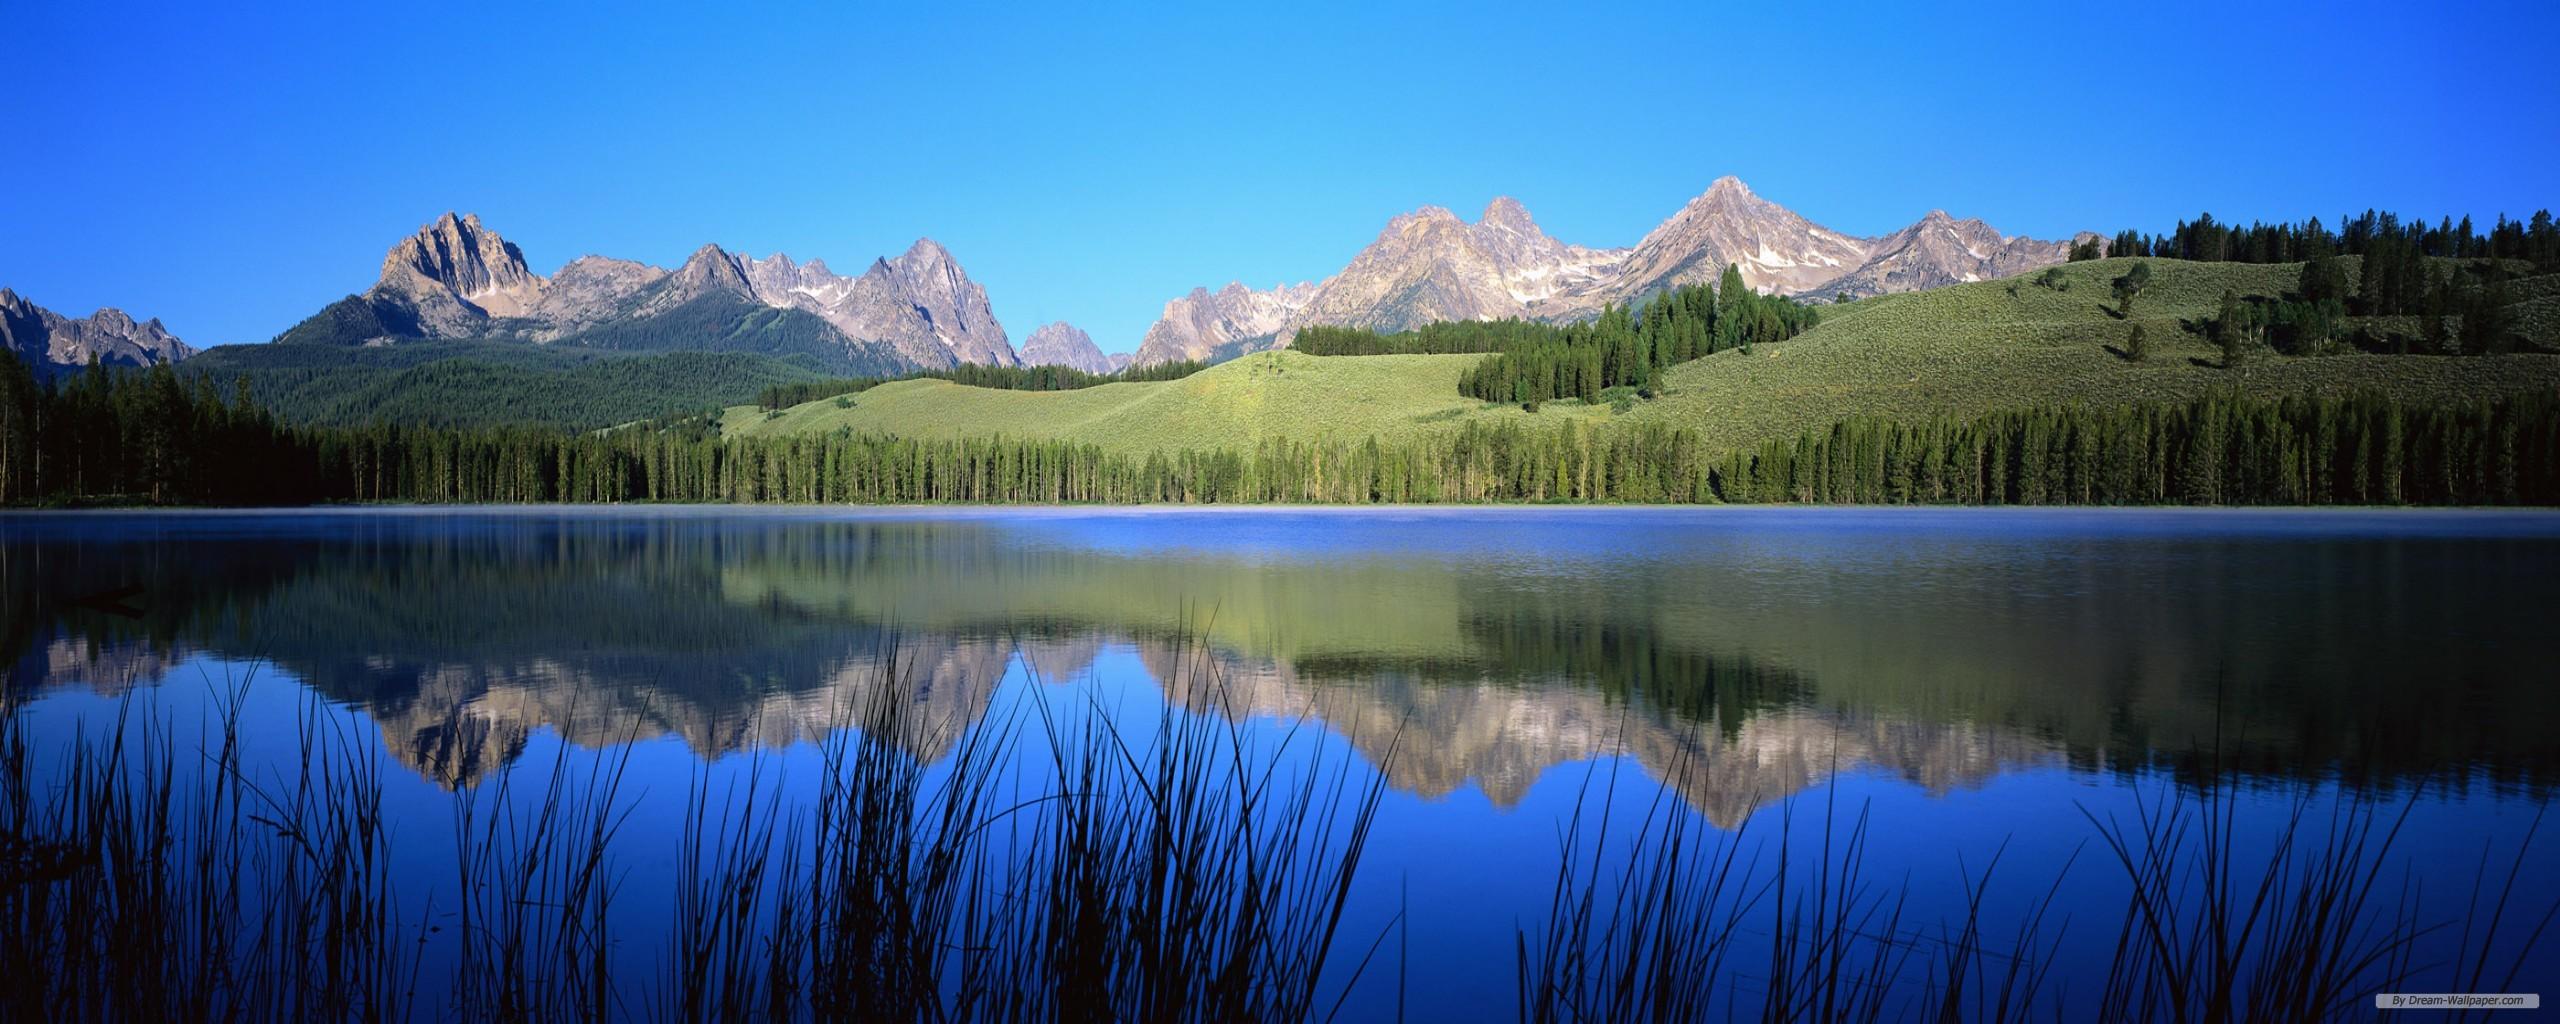 Fotos   Landscape Dual Screen Wallpaper Dual Monitor Wallpaper 2560x1024